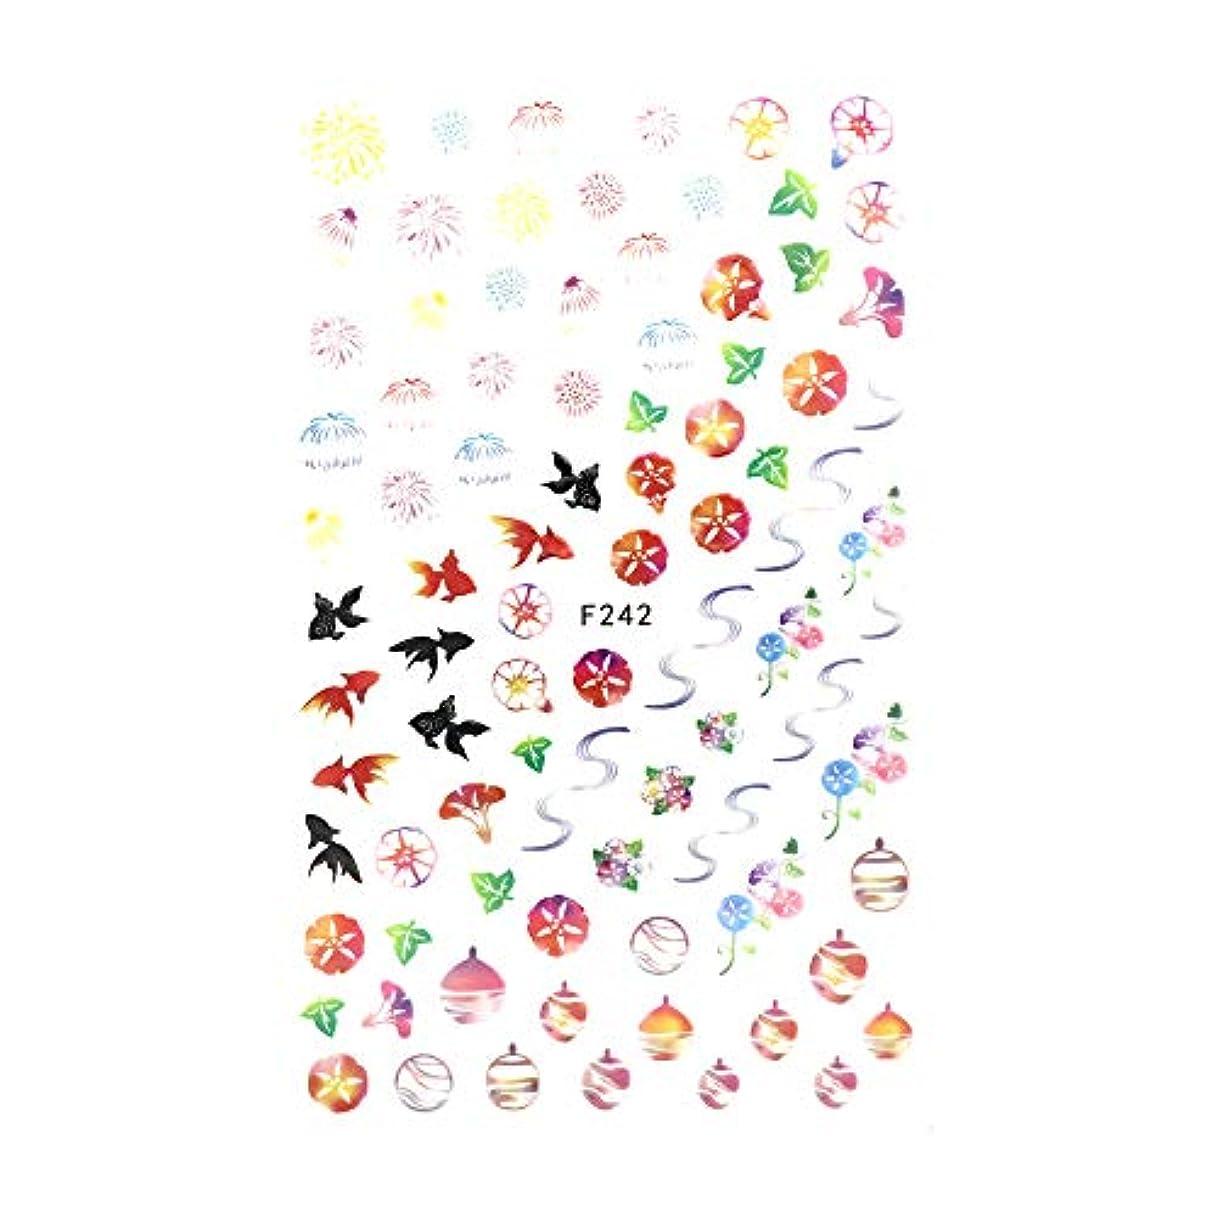 受け入れ精神医学不機嫌そうなirogel イロジェル ネイルシール 和夏シール【F242】日本 風物詩 祭り 浴衣 花火 金魚